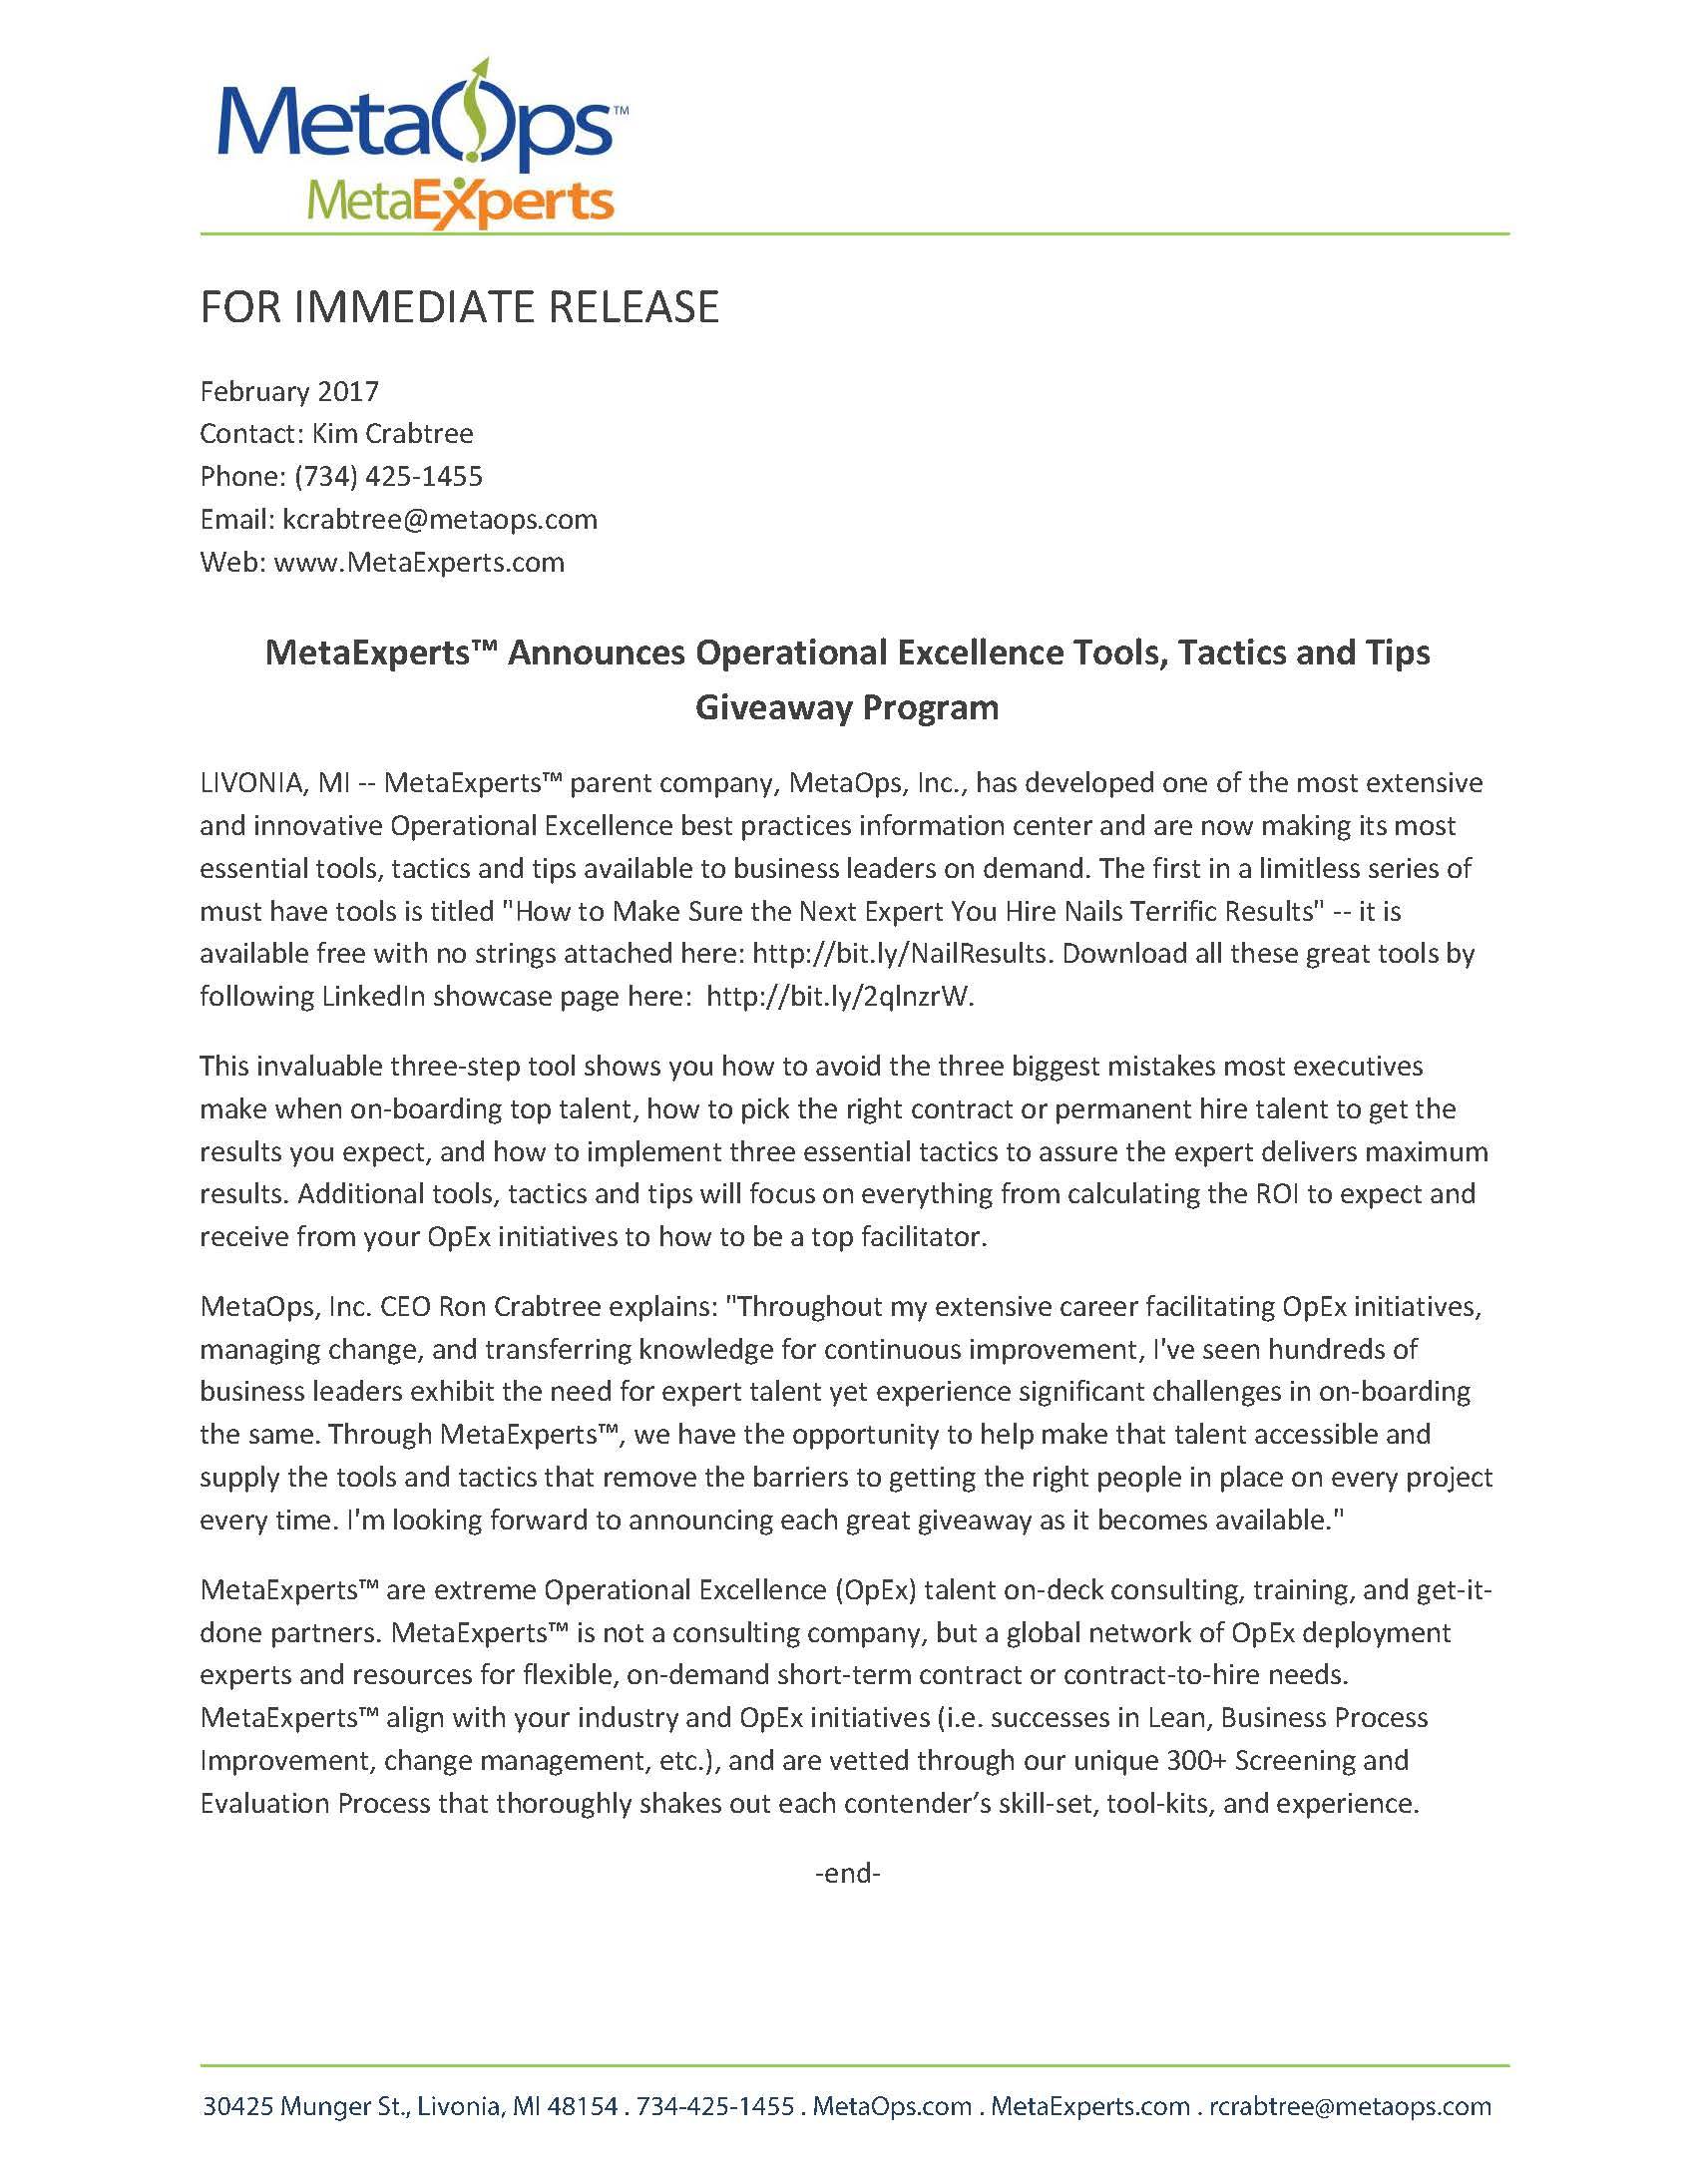 Lead Gen Giveaways Press Release